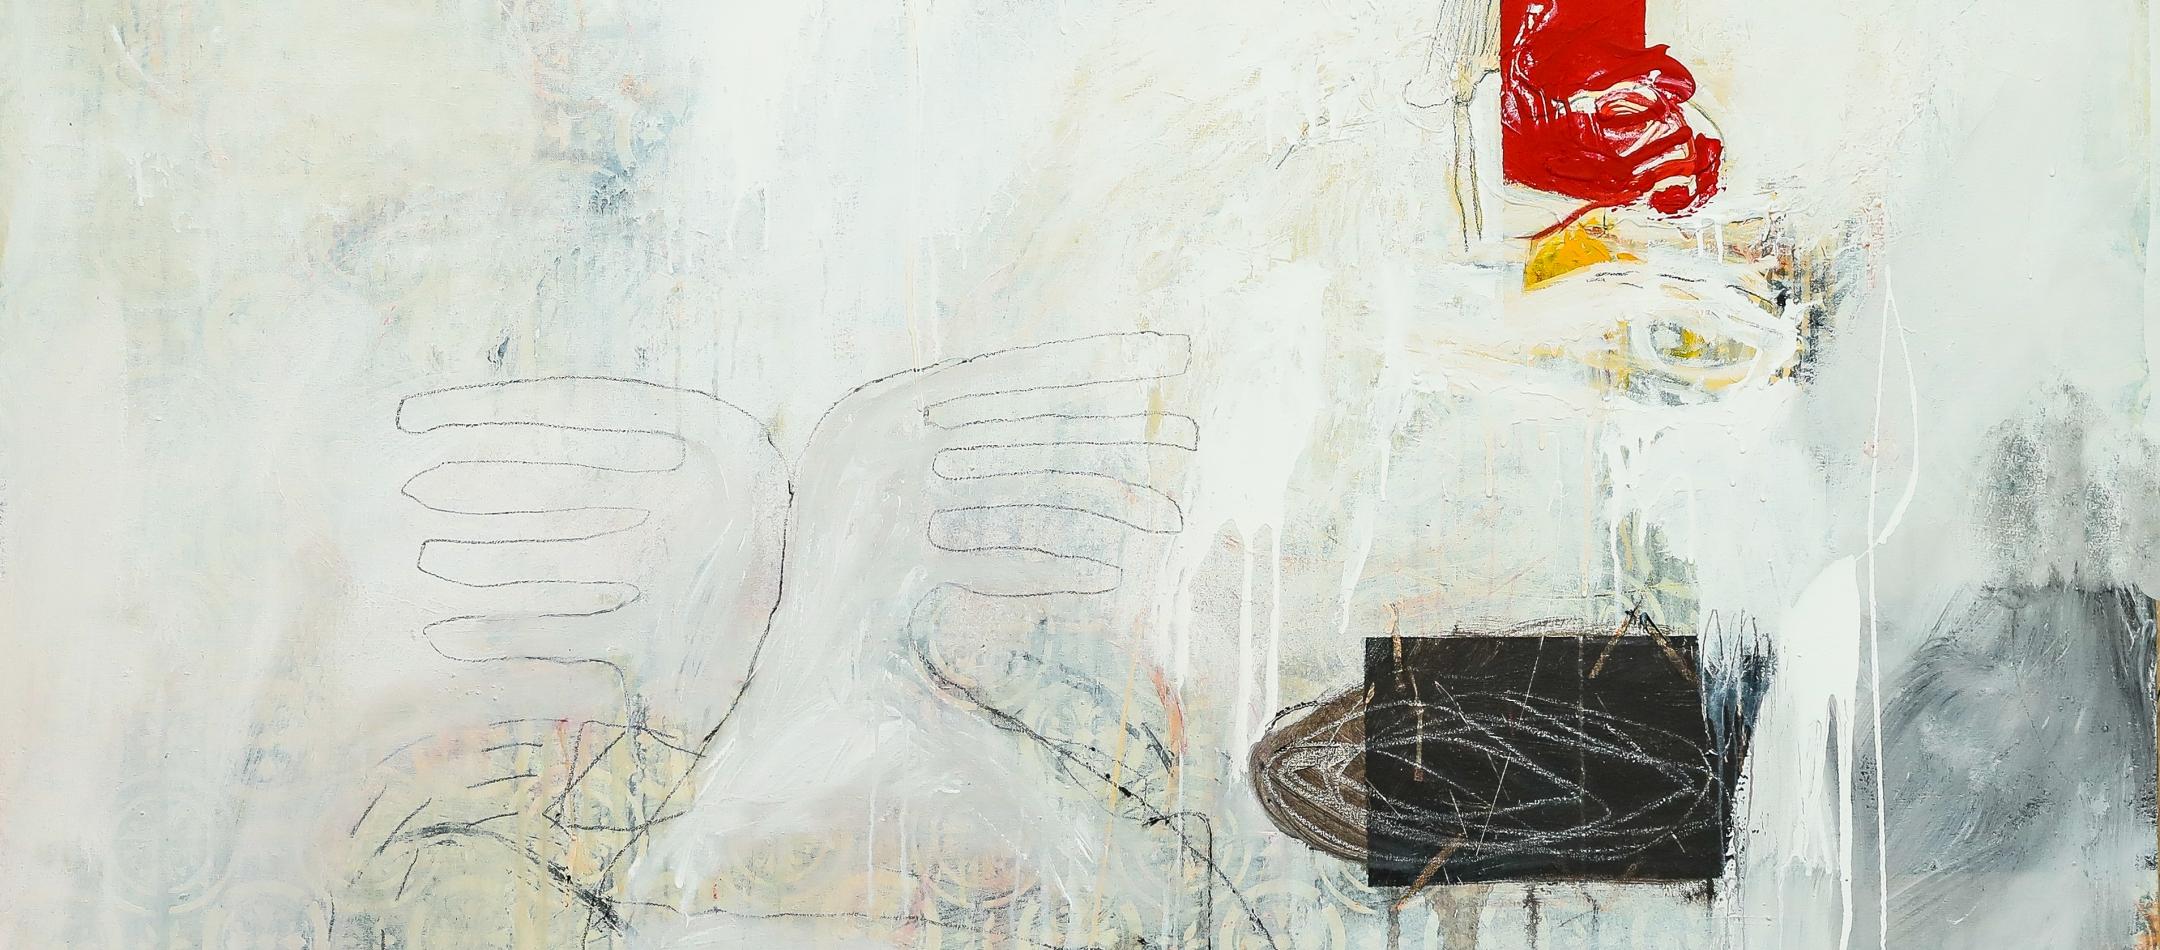 Dry Tears (2019), Acrylic on canvas, 48 x 60